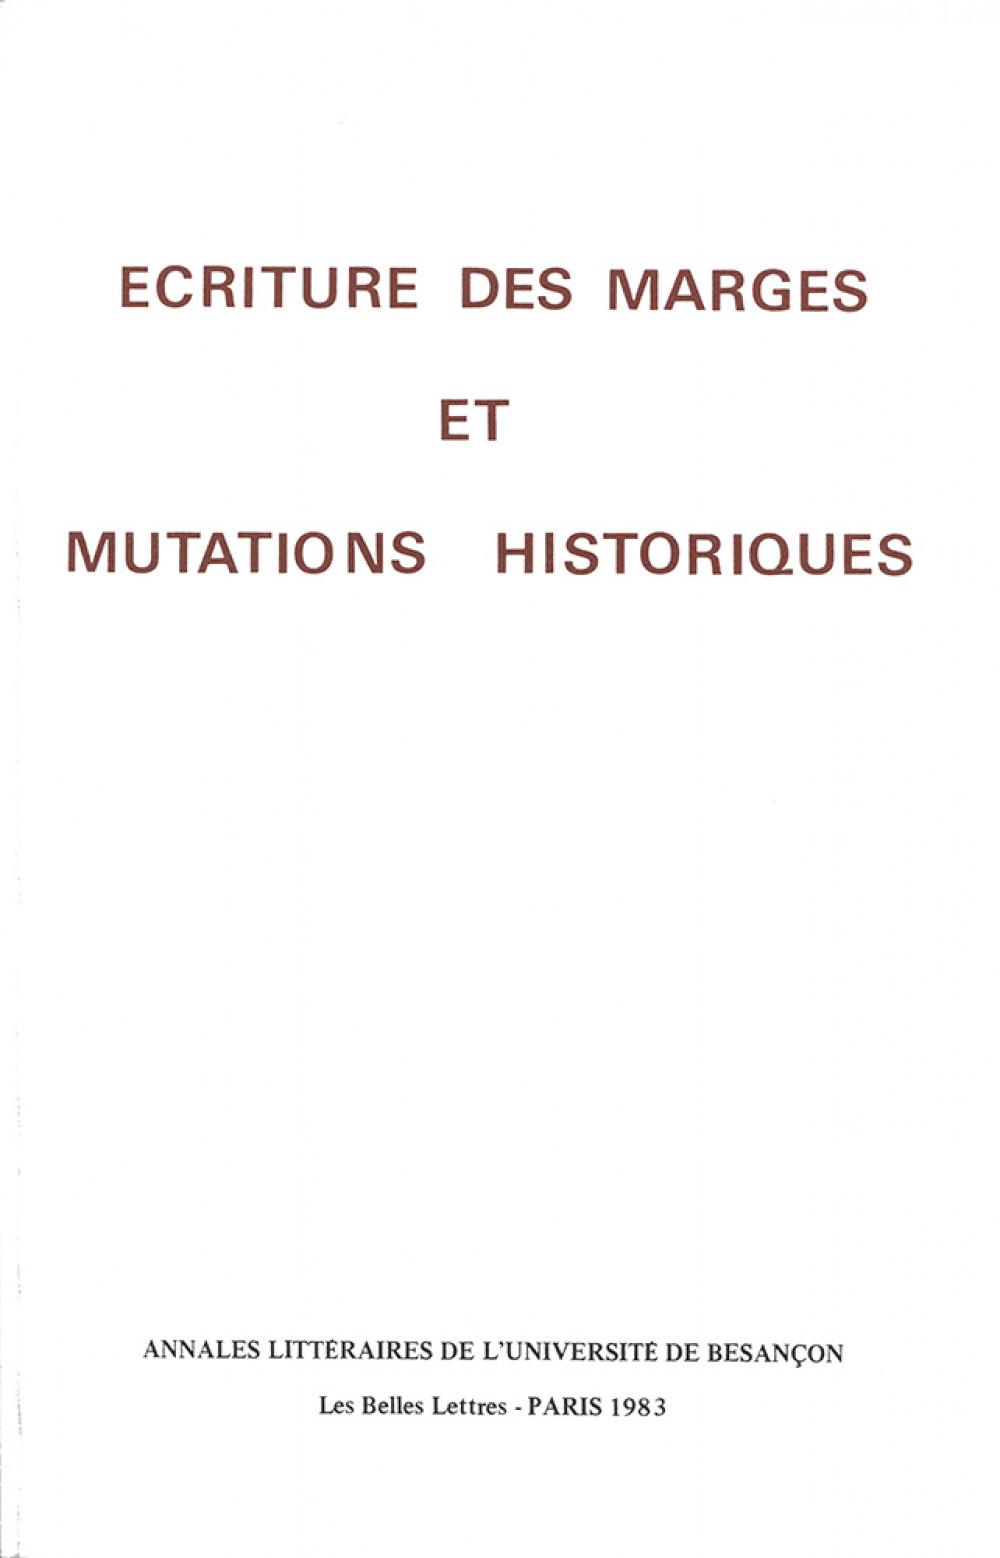 Ecriture des marges et mutations historiques